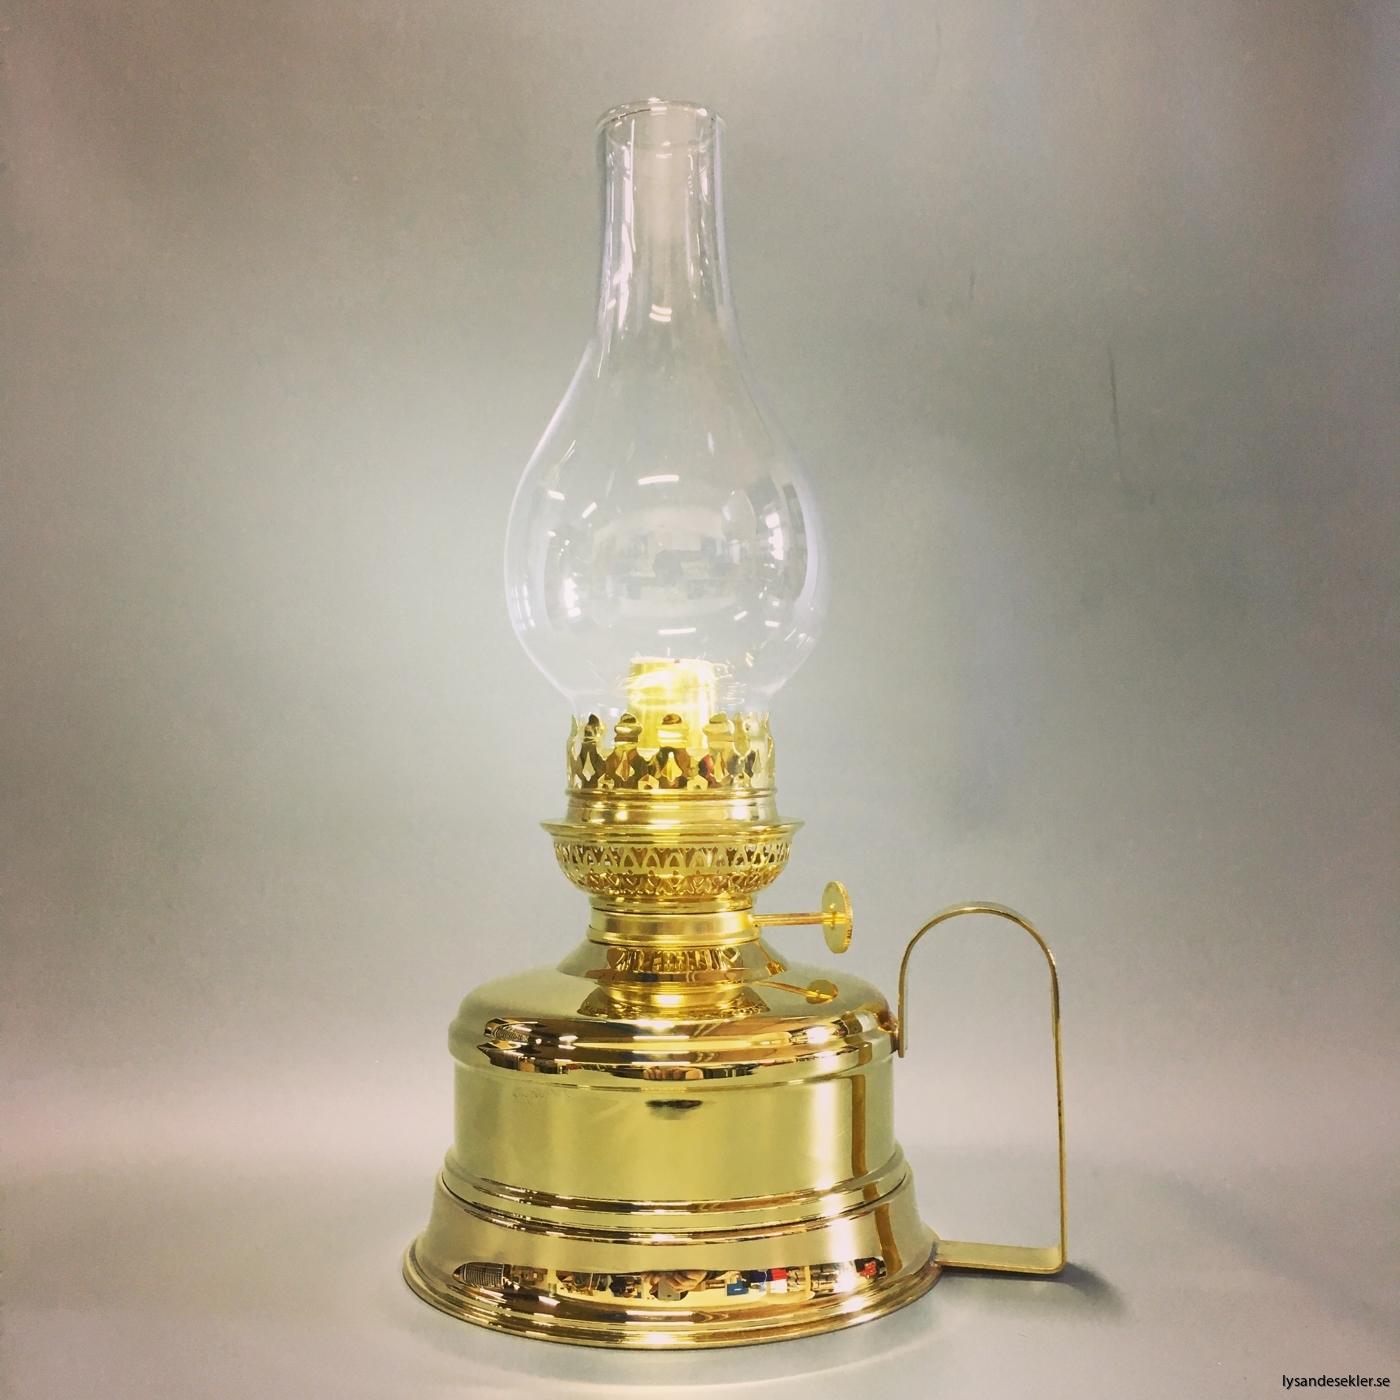 brasserielampan mässing (1)